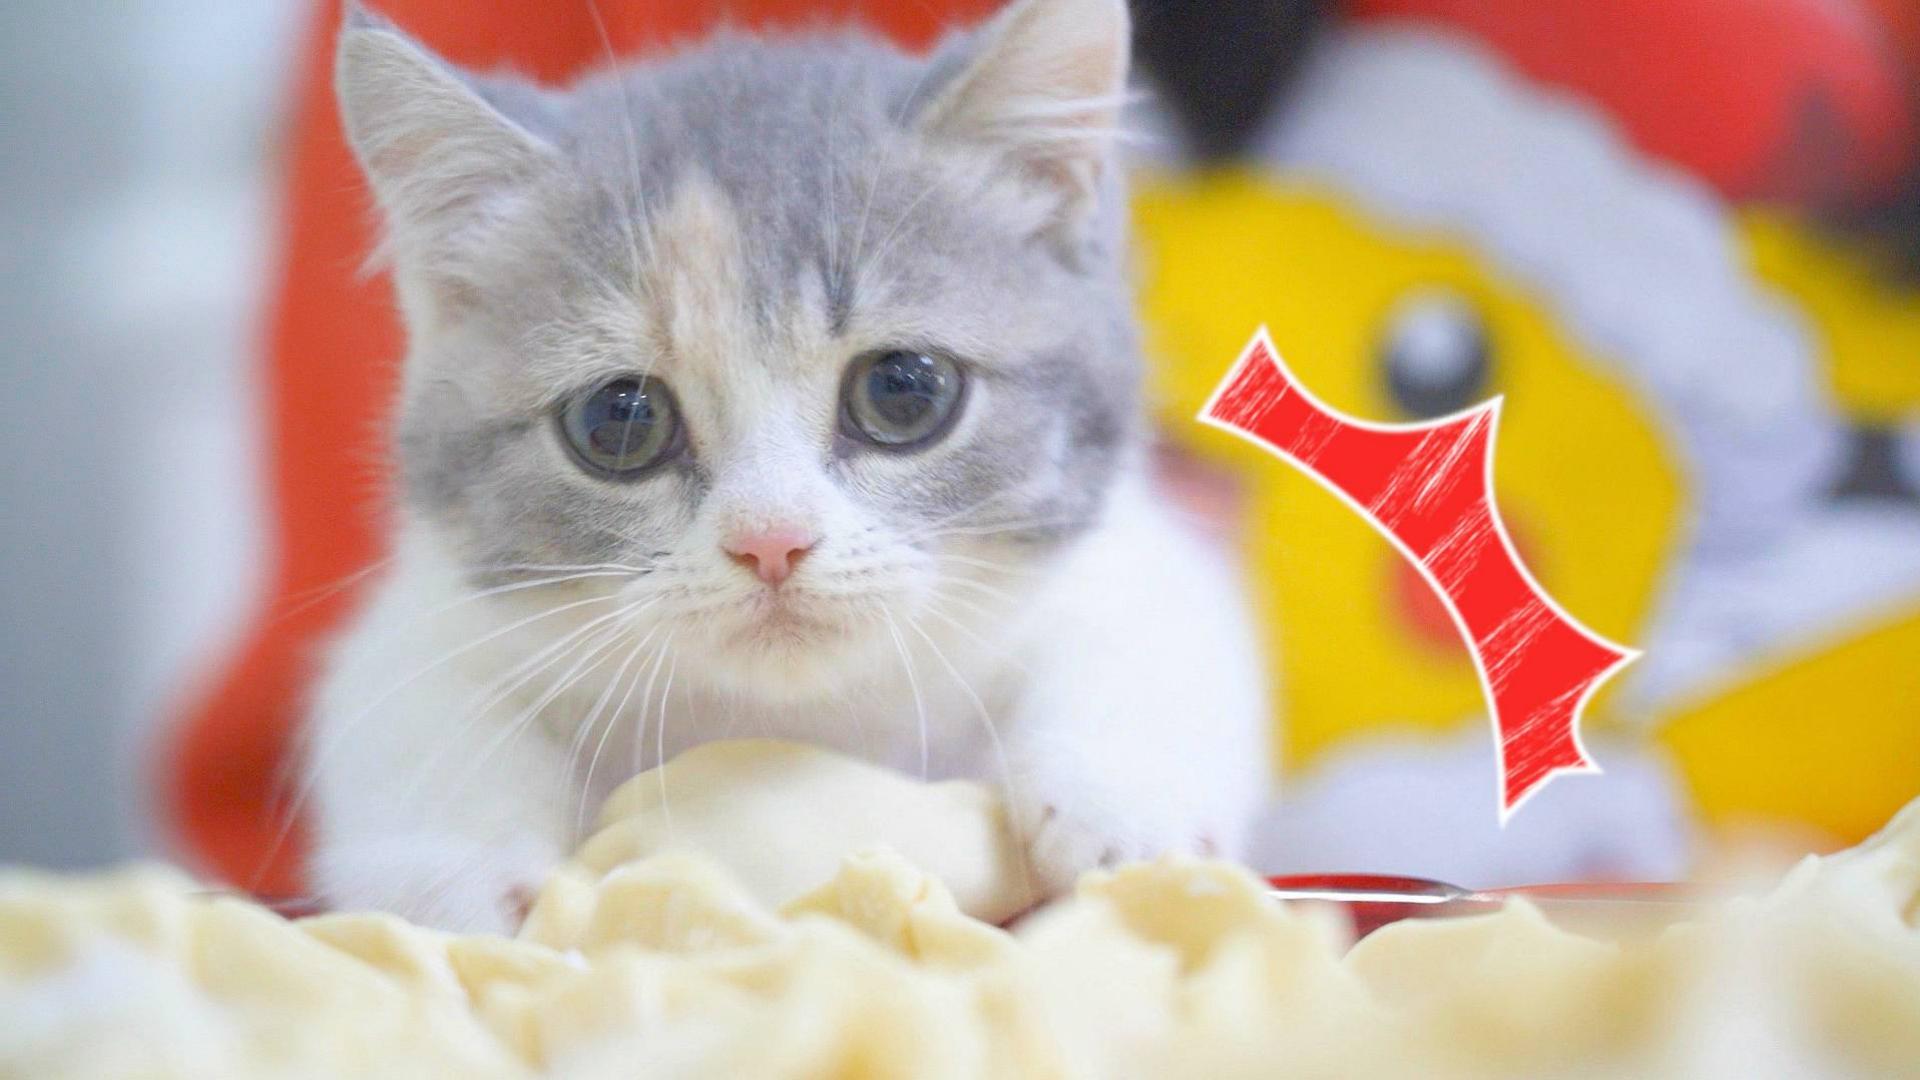 主人过年包饺子,小奶猫在旁边捣乱,还偷饺子吃!